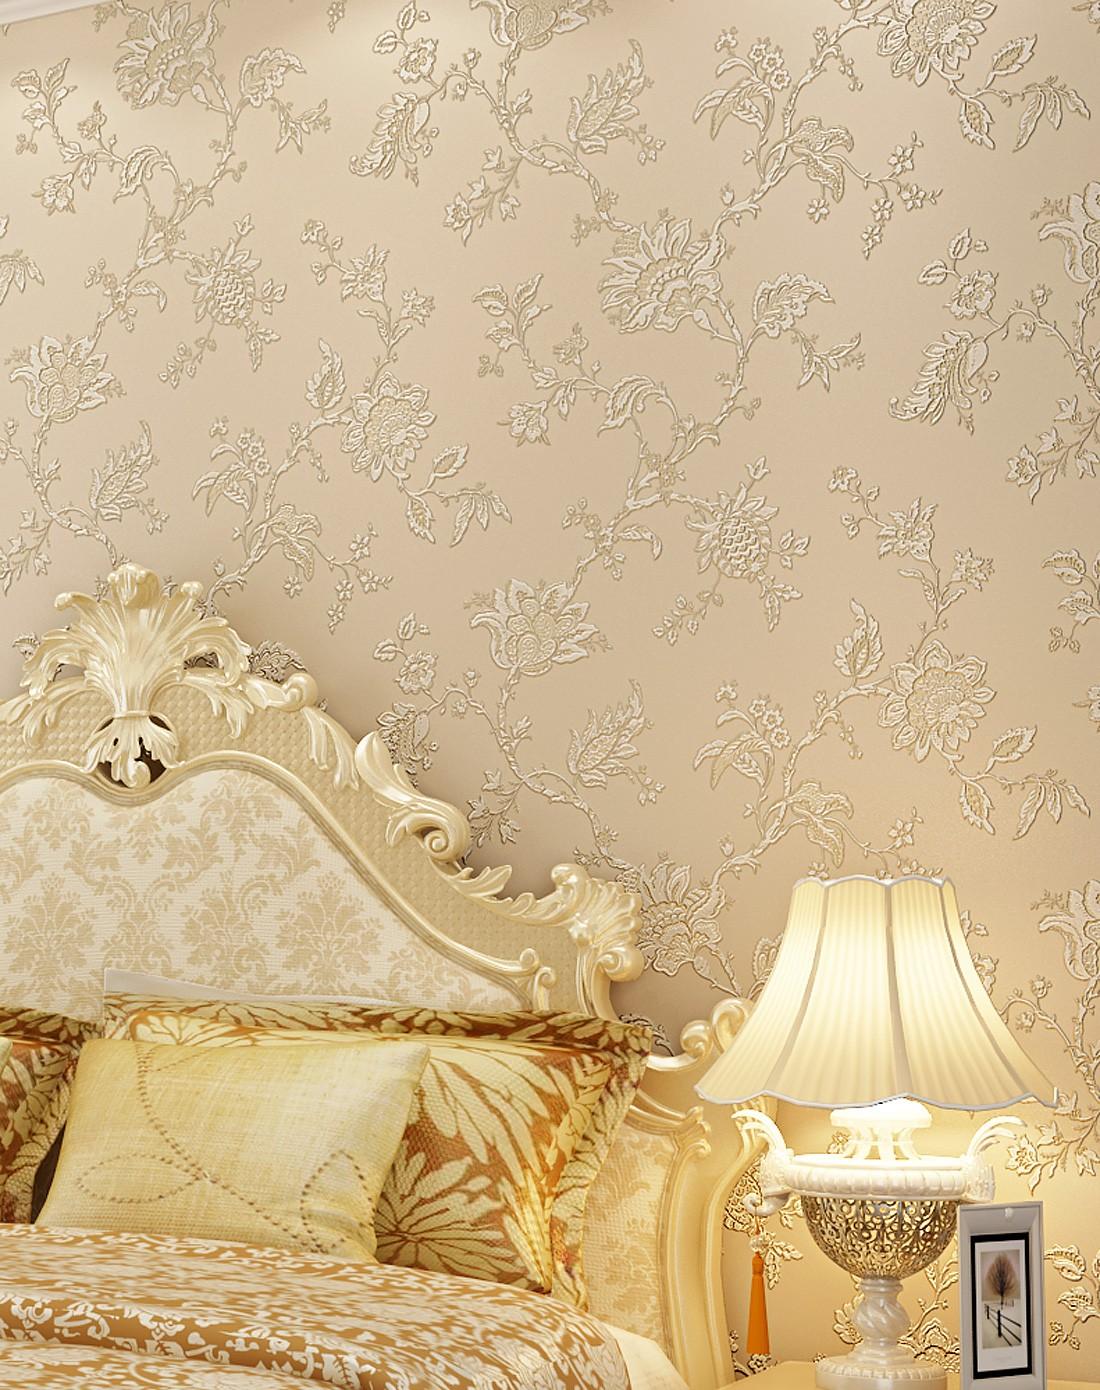 纸尚美学墙纸专场米黄色3d浮雕欧式简约风格立体壁纸图片